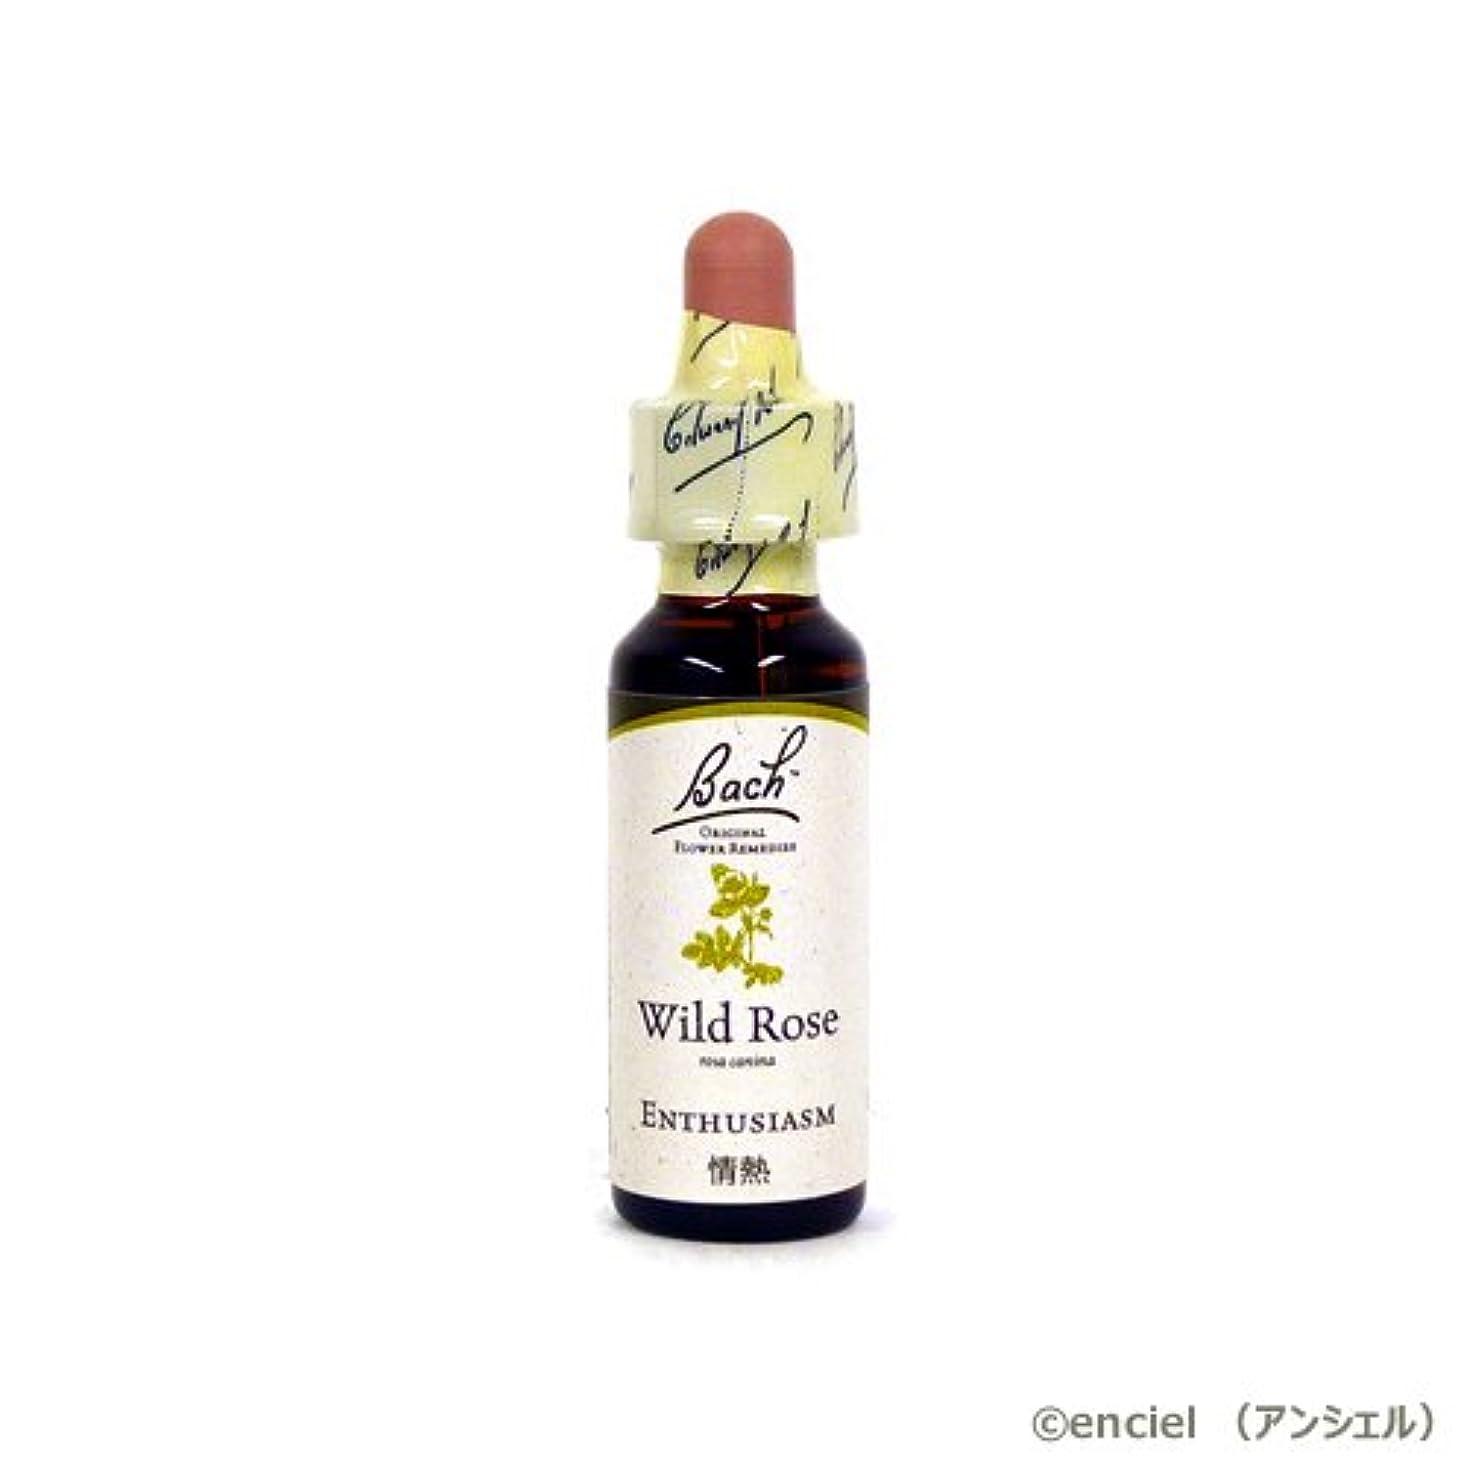 気性ブル幸運バッチフラワー レメディ ワイルドローズ 10ml グリセリンタイプ 日本国内正規品